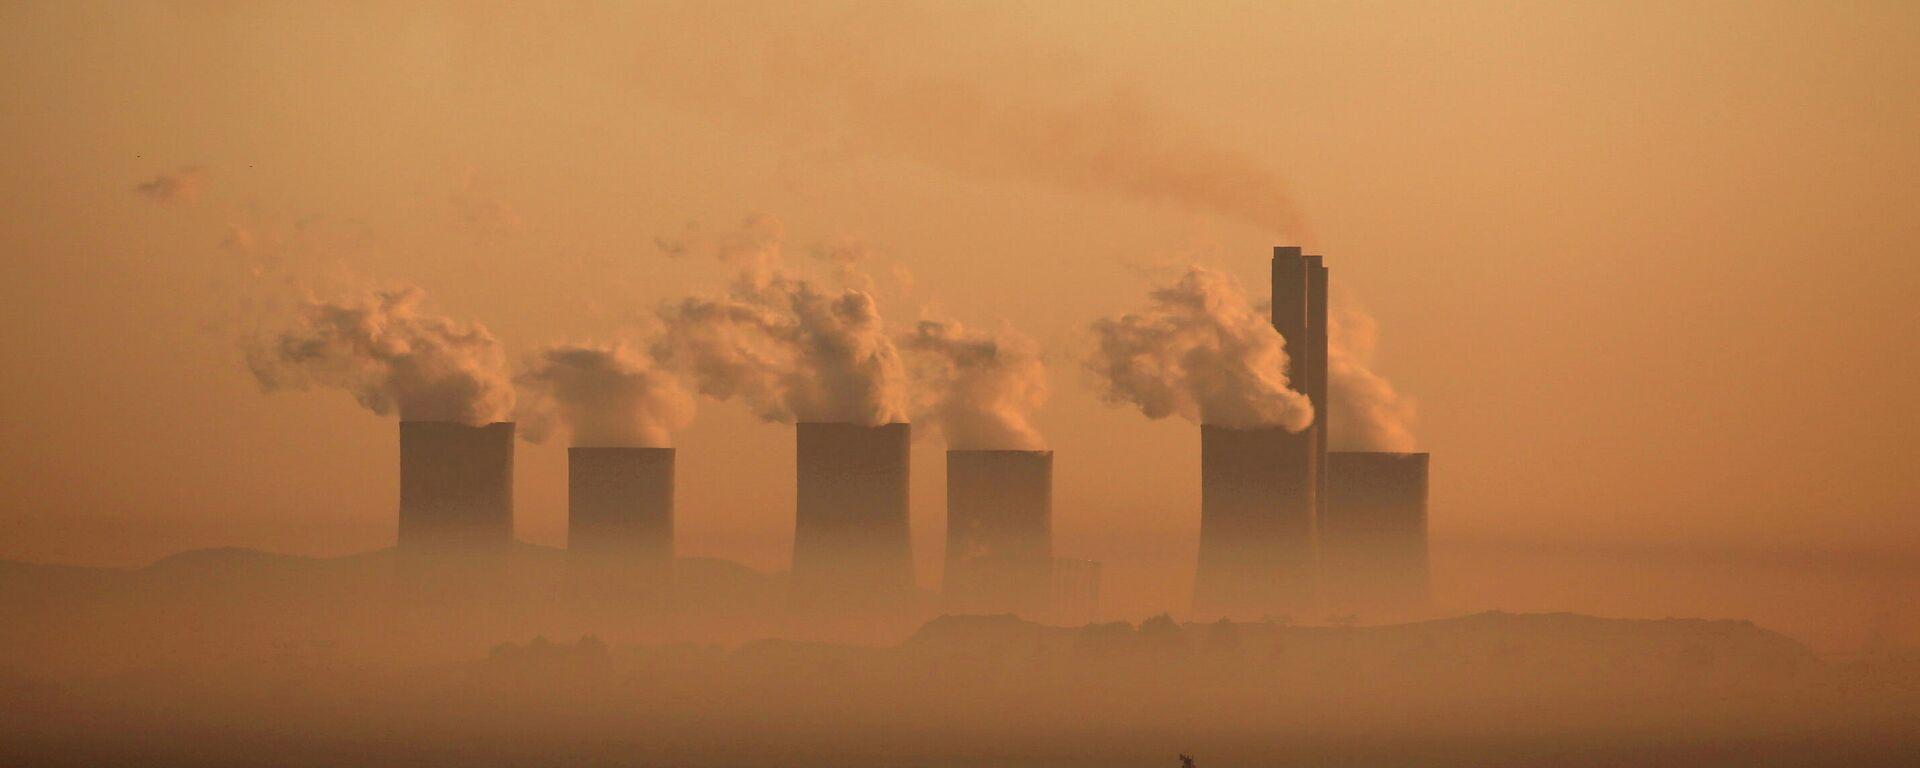 Dim iz termoelektrane u Južnoj Africi - Sputnik Srbija, 1920, 04.10.2021